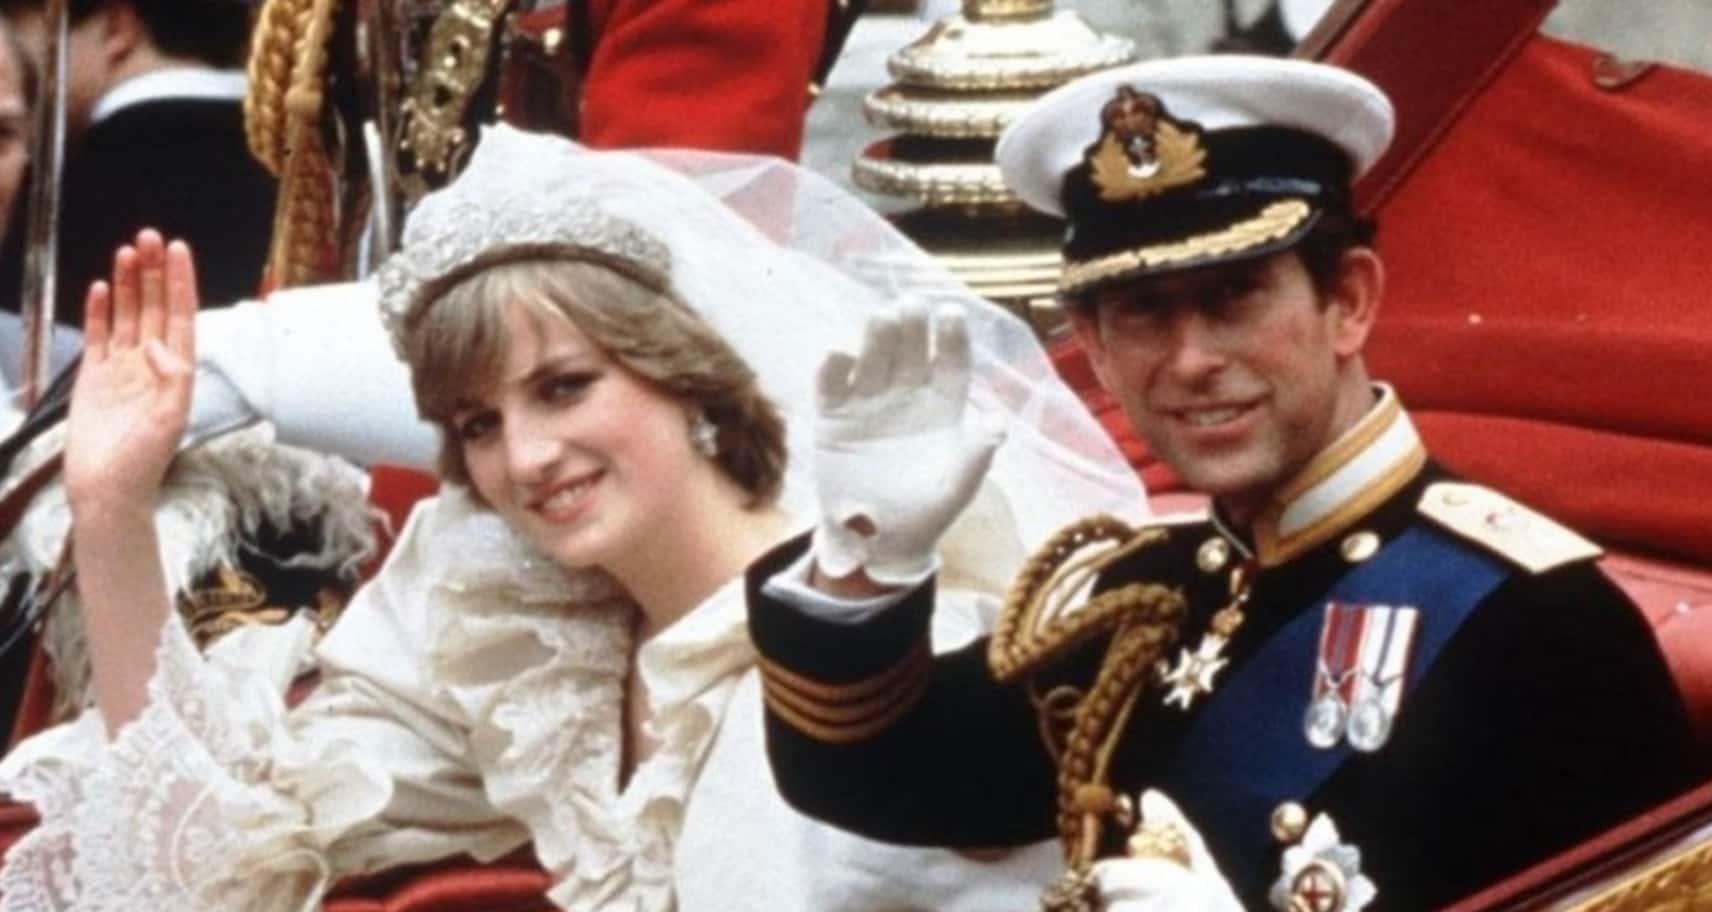 El Secreto Mejor Guardado Del Príncipe Guillermo Y El Príncipe Enrique De Inglaterra